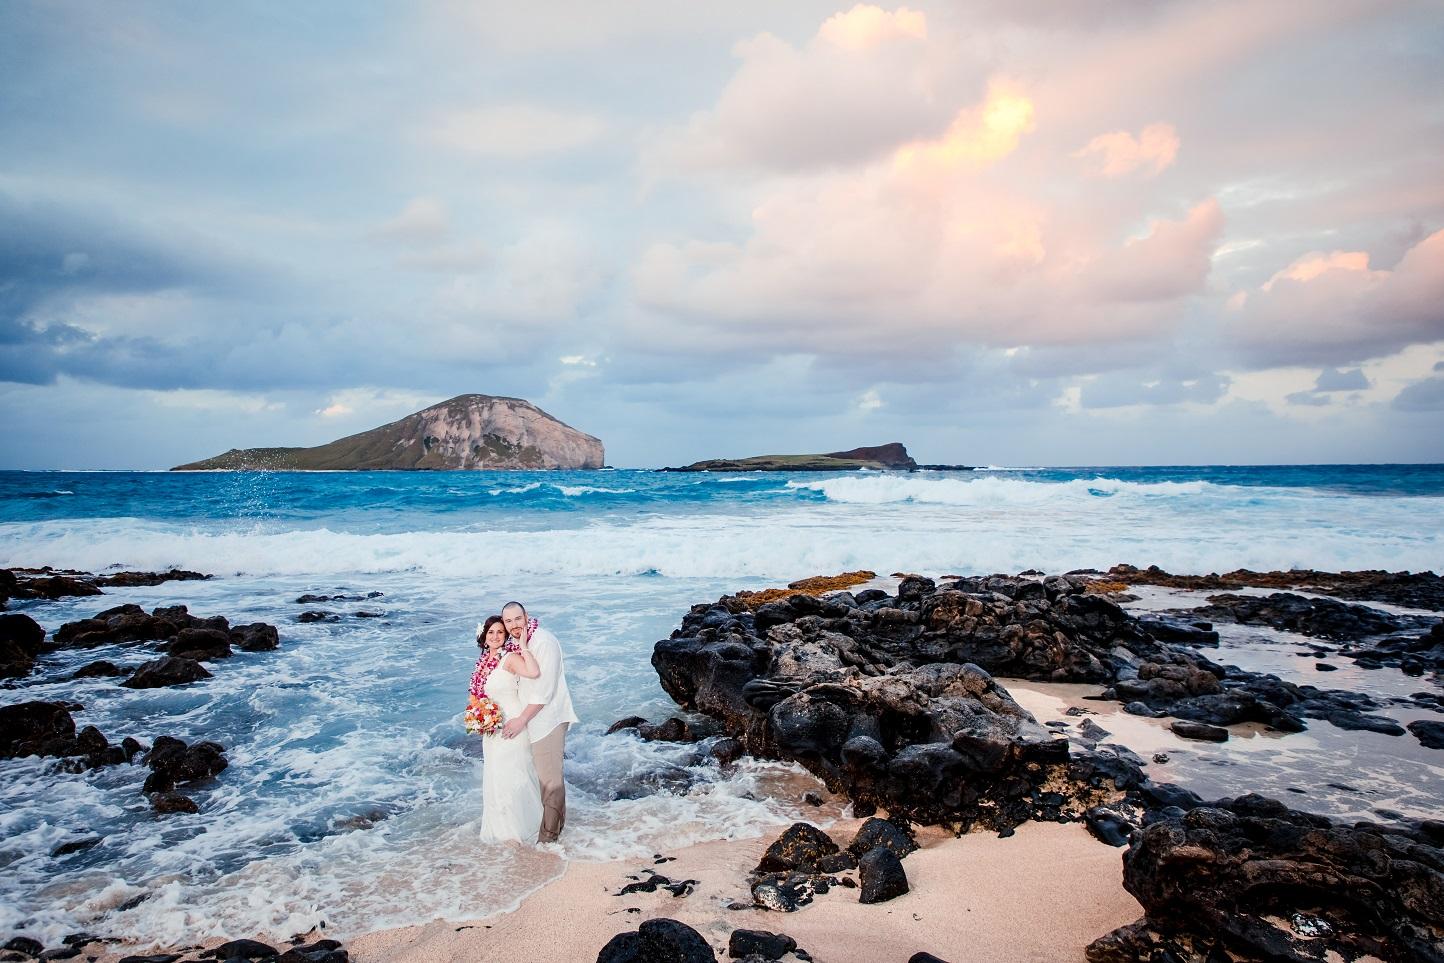 makapu'u beach oahu hawaii bride groom bridal portrait ocean